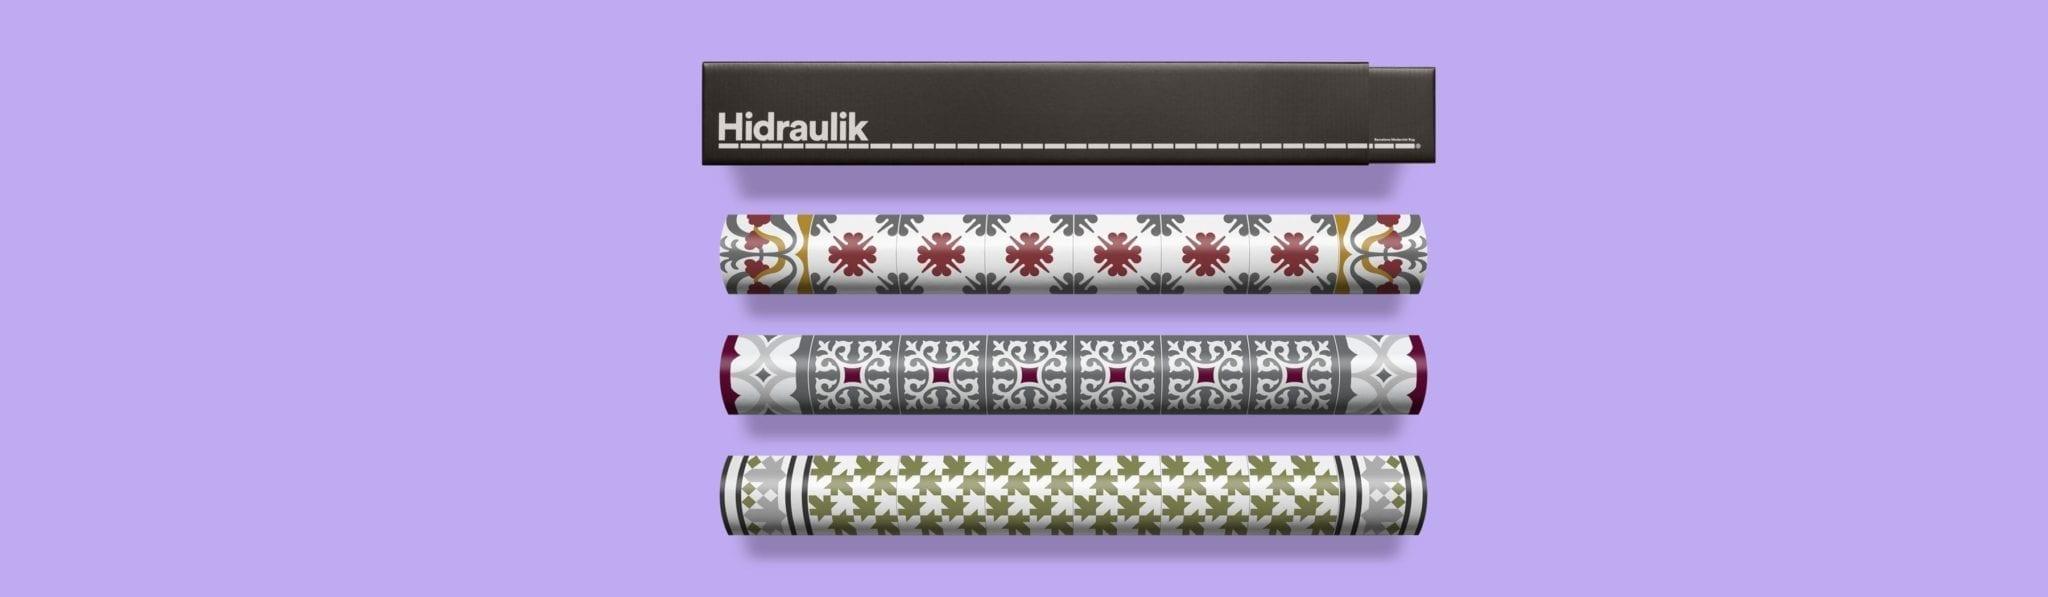 alfombras_hidraulicas